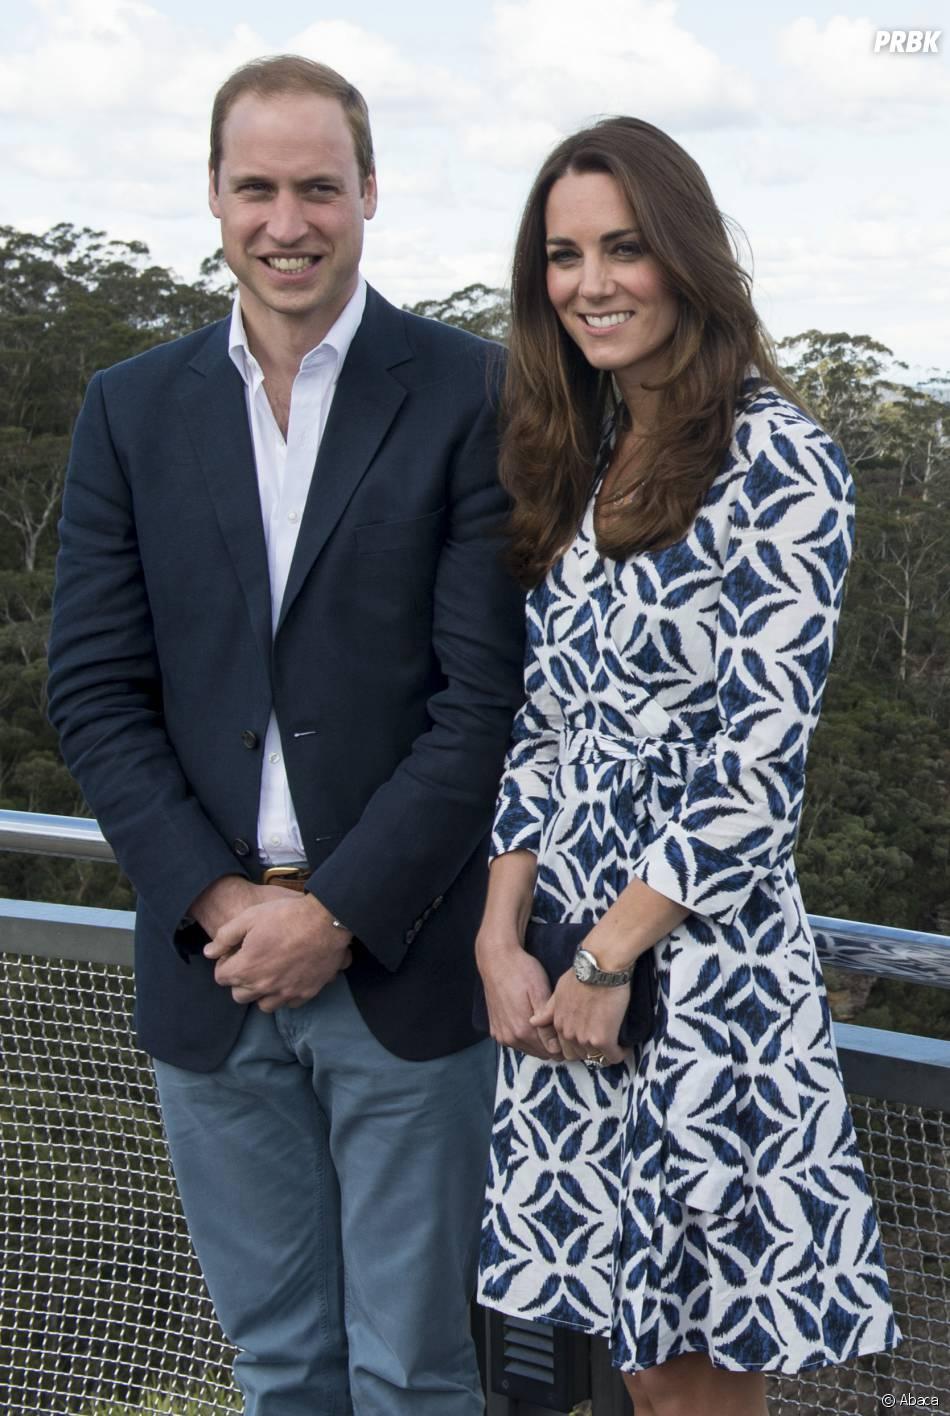 Kate Middleton et le Prince William n'ont pas encore réagit à la photo des fesses de la Duchesse